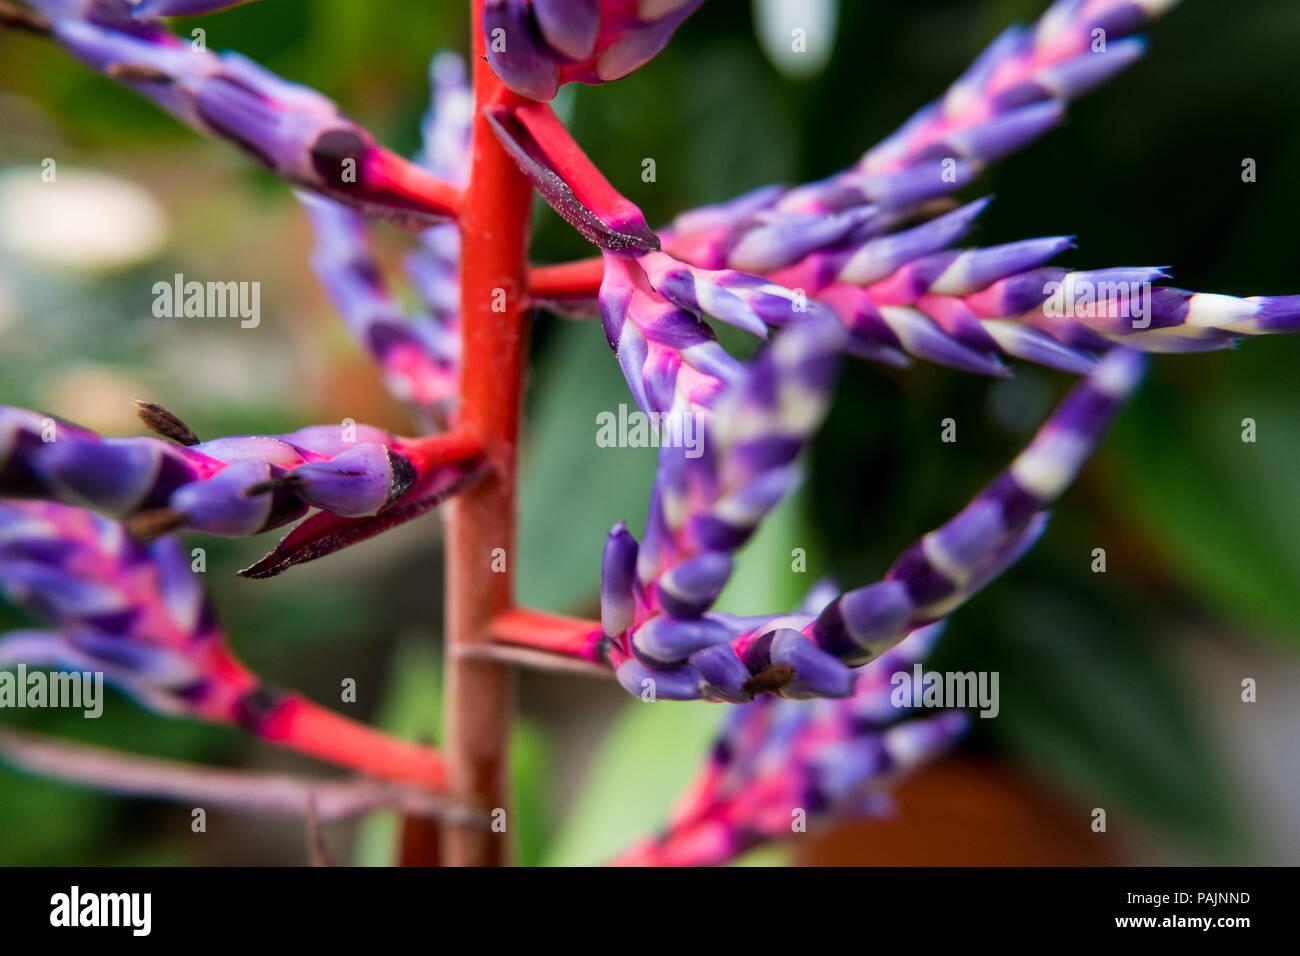 Aechmea Blue Rain Or Aechmea Blue Tango Flower Is A